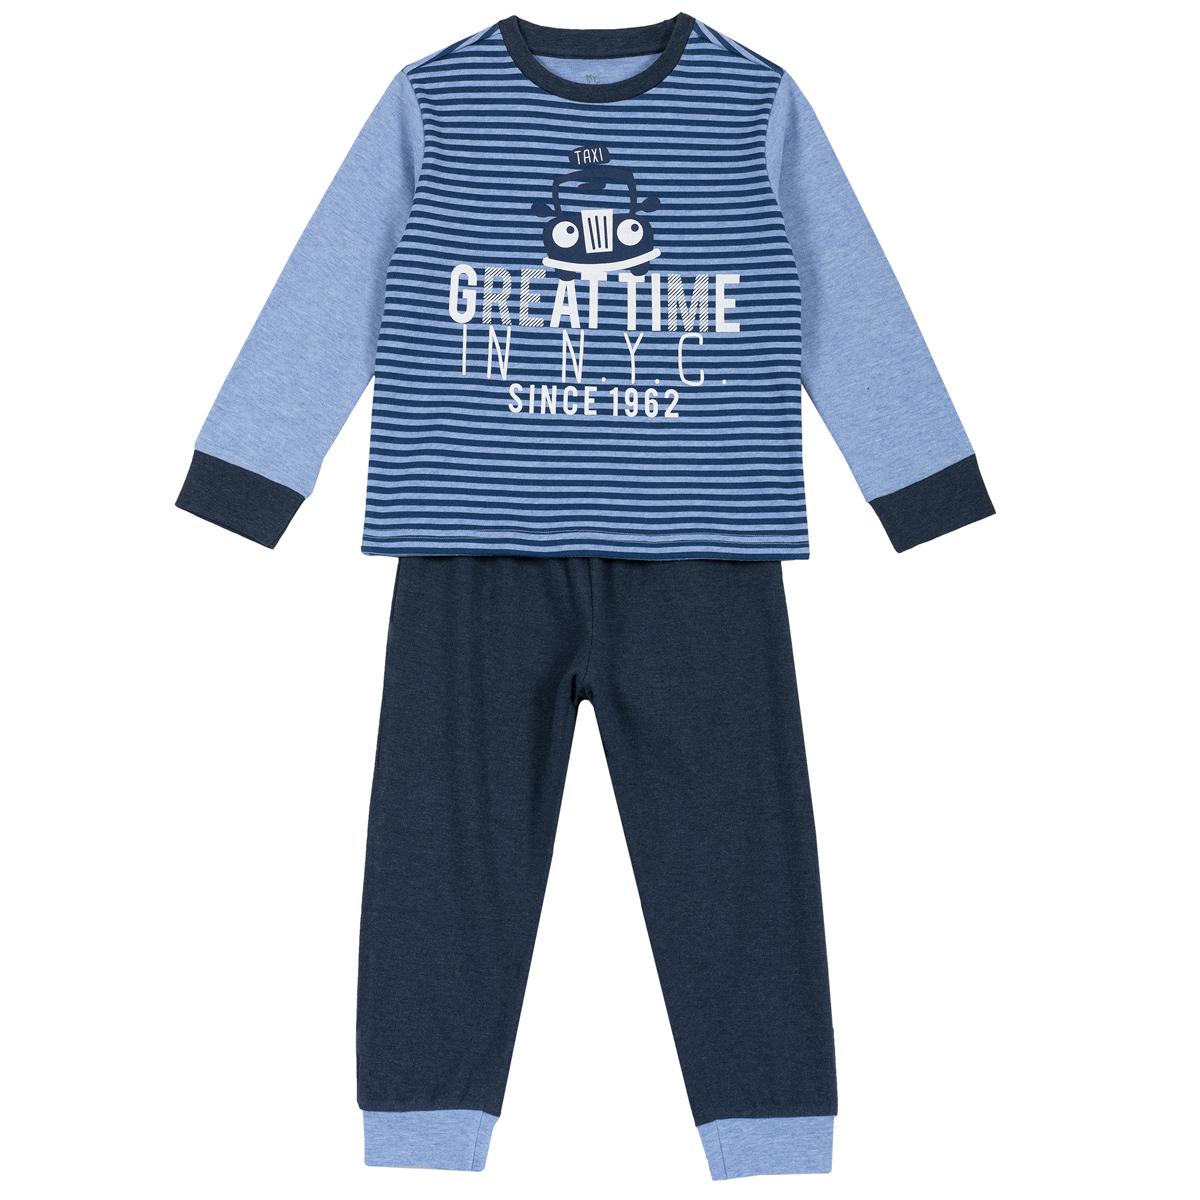 Pijama copii Chicco, maneca lunga, albastru, 31286